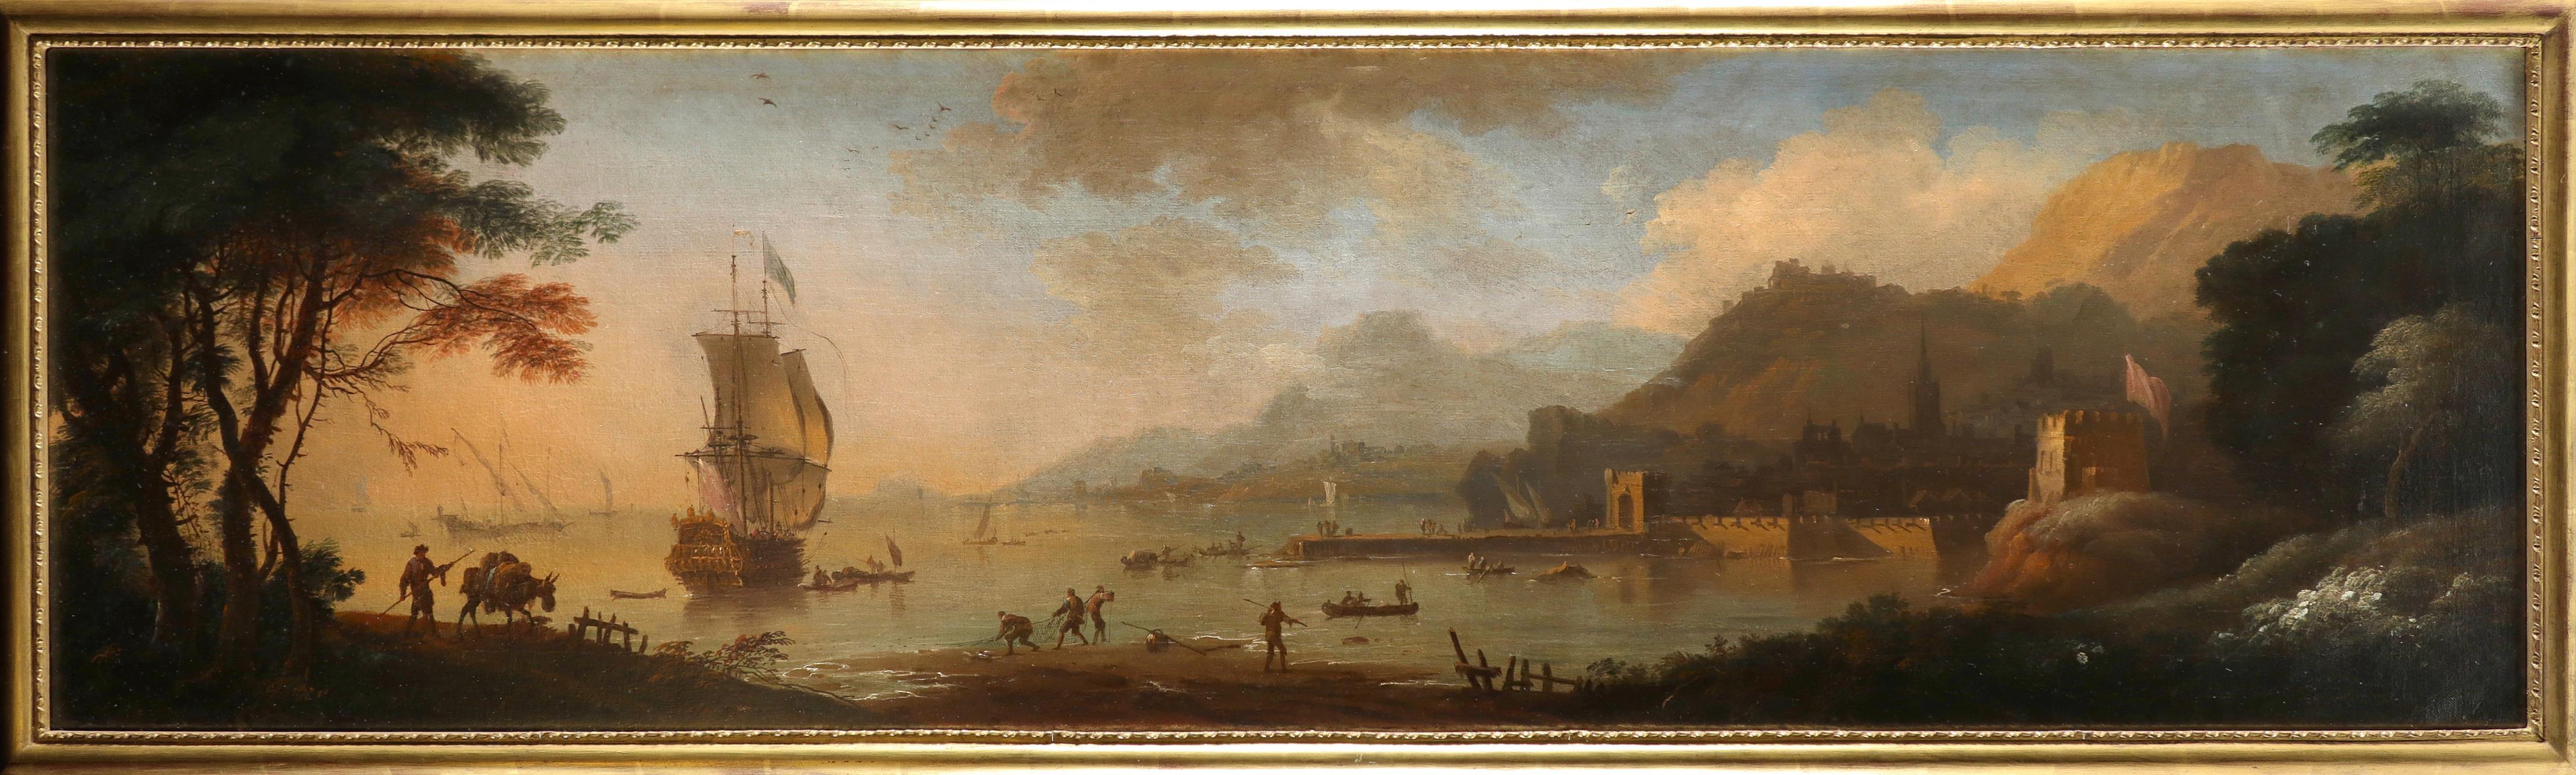 Adriaen Van Diest (Dutch 1655-1704) A Mediterranean coastal landscape at dawn, with a port in the - Image 2 of 6